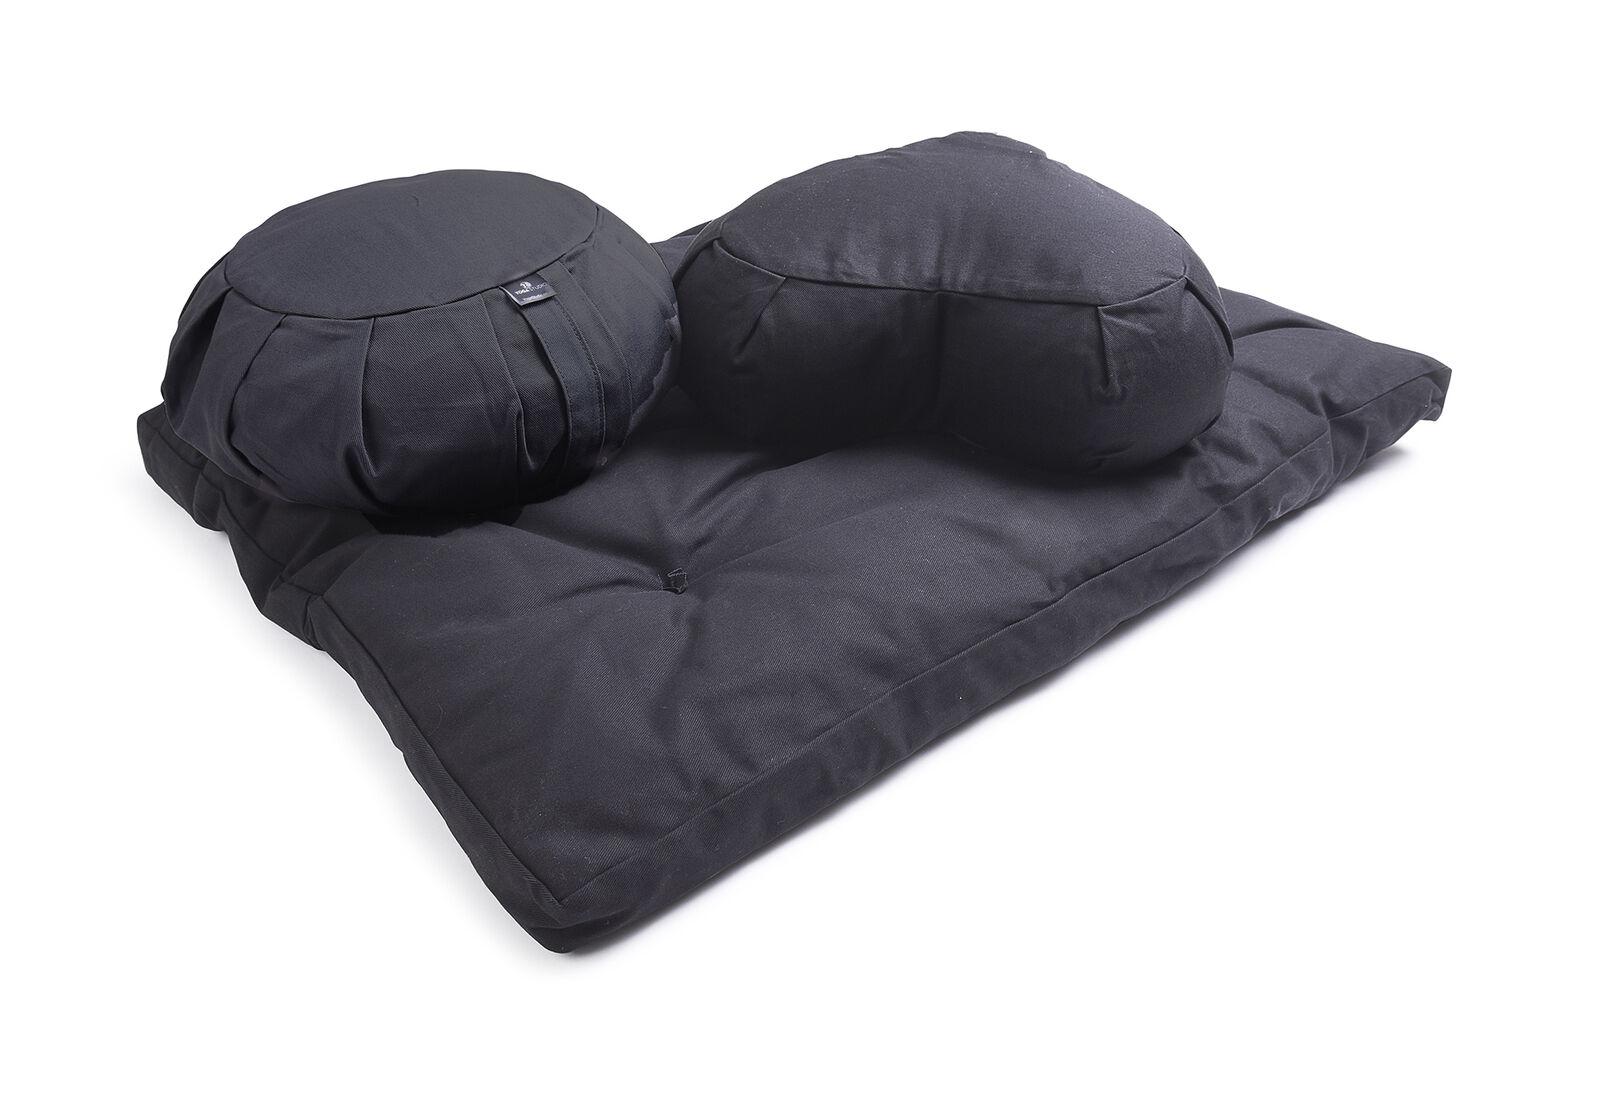 Studio Yoga Crescent EU Organic Zabuton, Crescent Yoga e Kit per cuscino rotondo 0e22d0